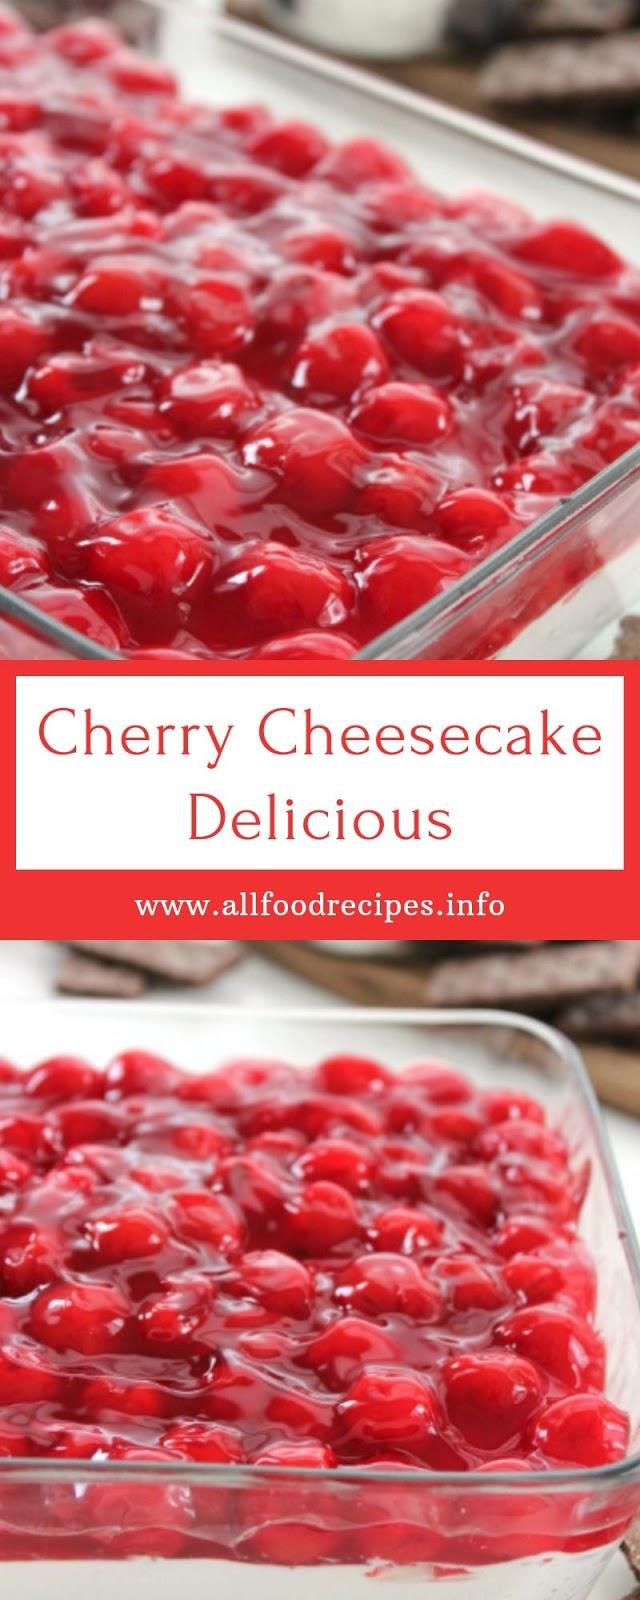 Cherry Cheesecake Delicious